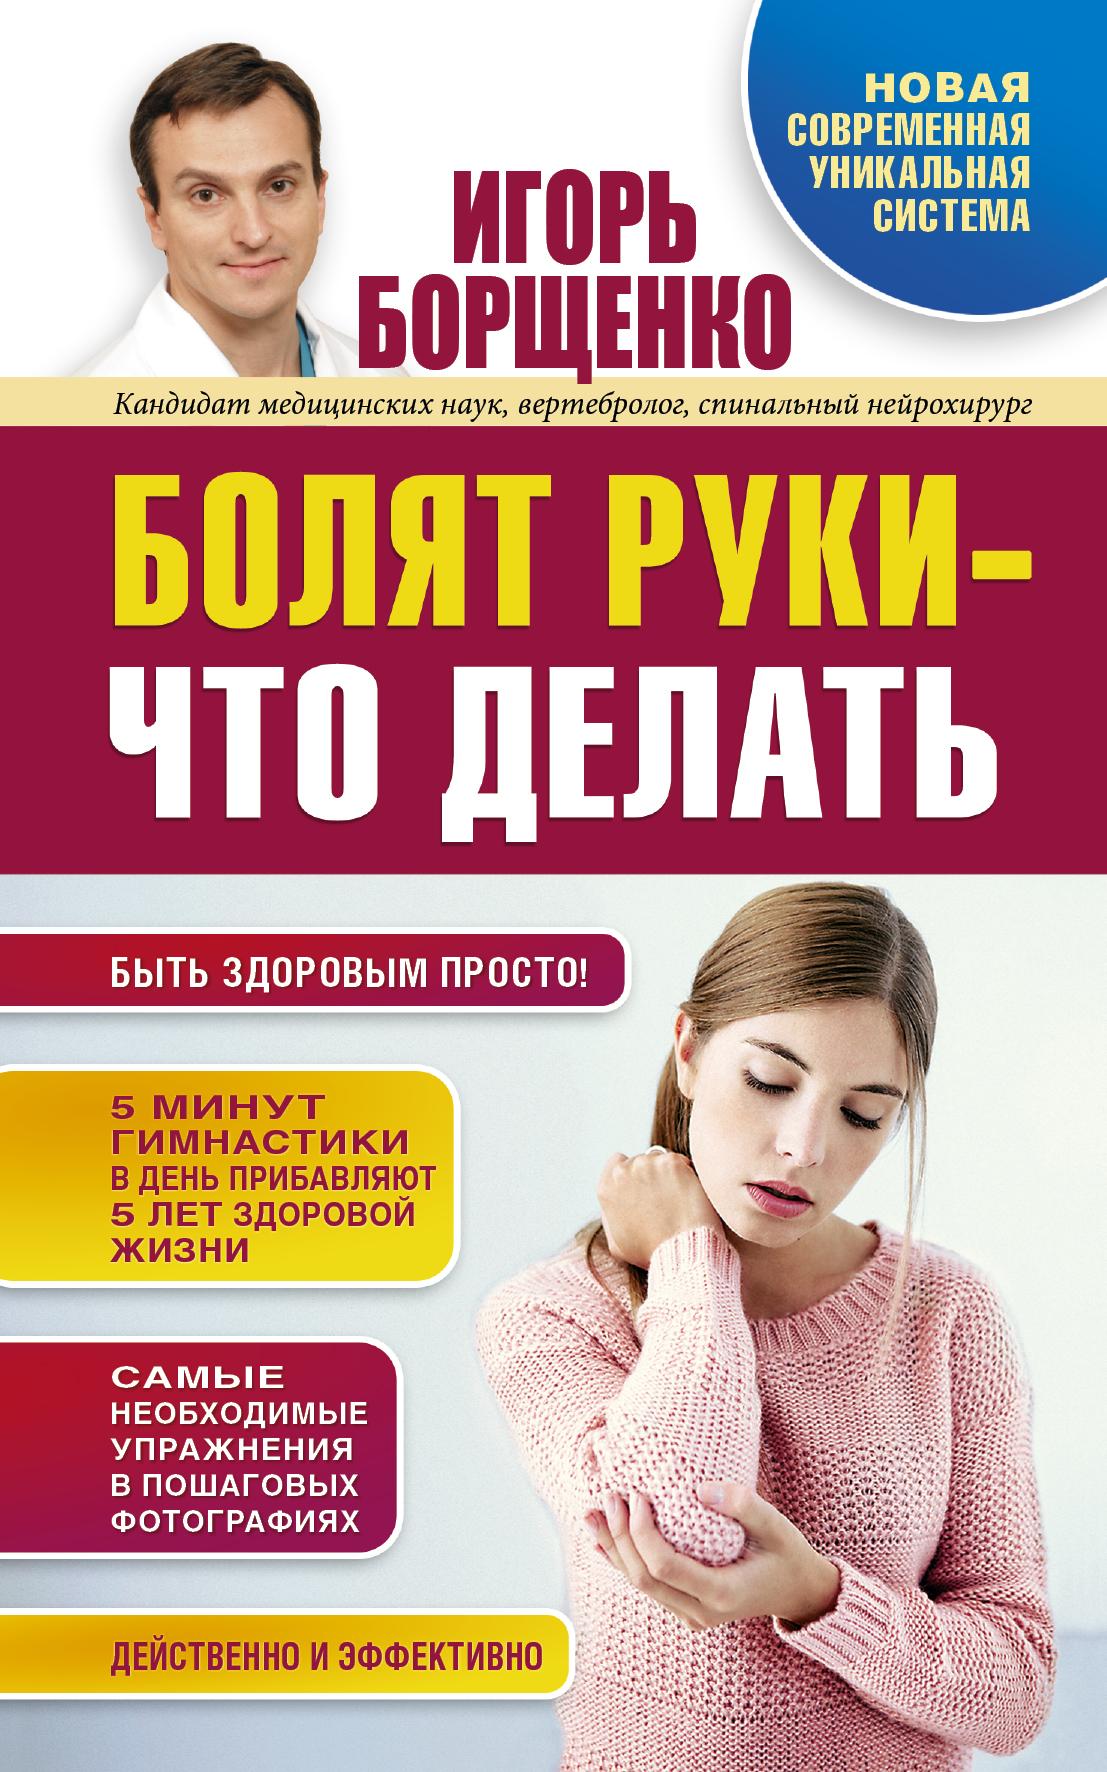 Борщенко И.А. Болят руки - что делать анатолий ситель ария для спины авторская программа против боли в суставах